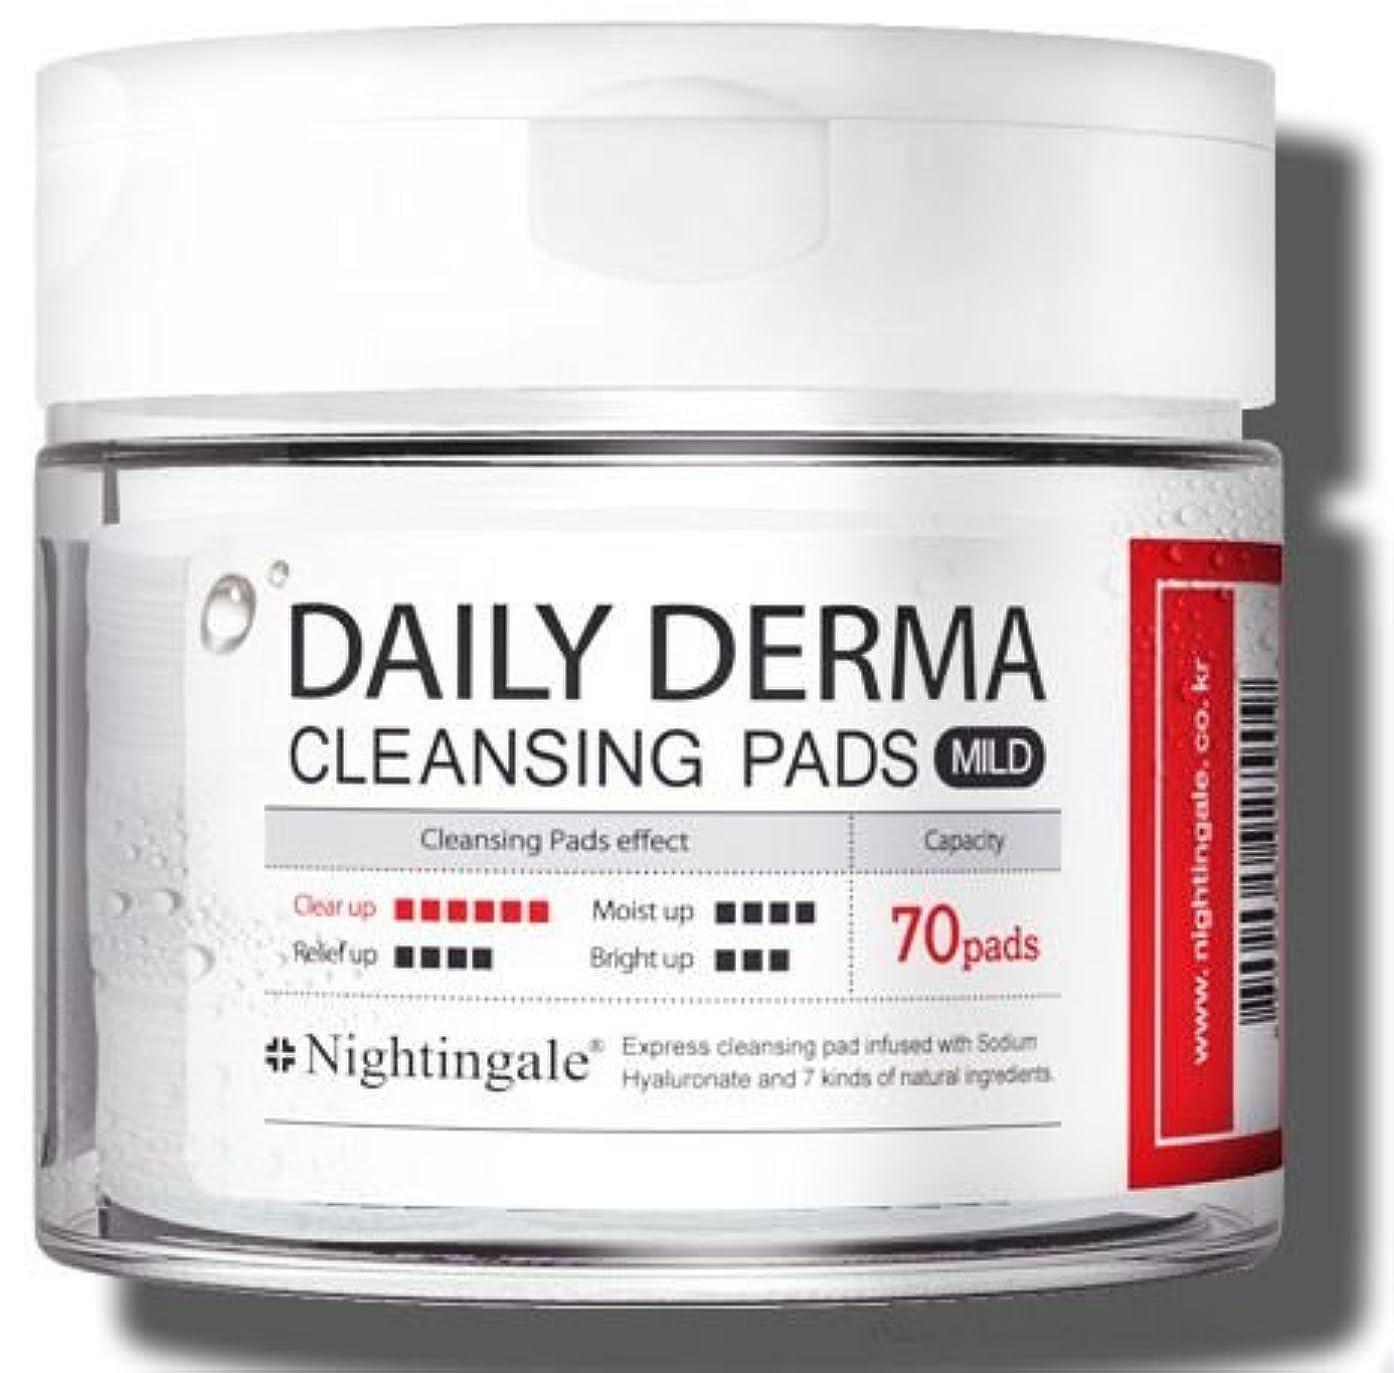 フィクションポンド織るNightingale Daily Derma Cleansing Pads * Mild * 70pads/ナイチンゲール デイリー ダーマ クレンジング パッド * マイルド * 70枚入り [並行輸入品]